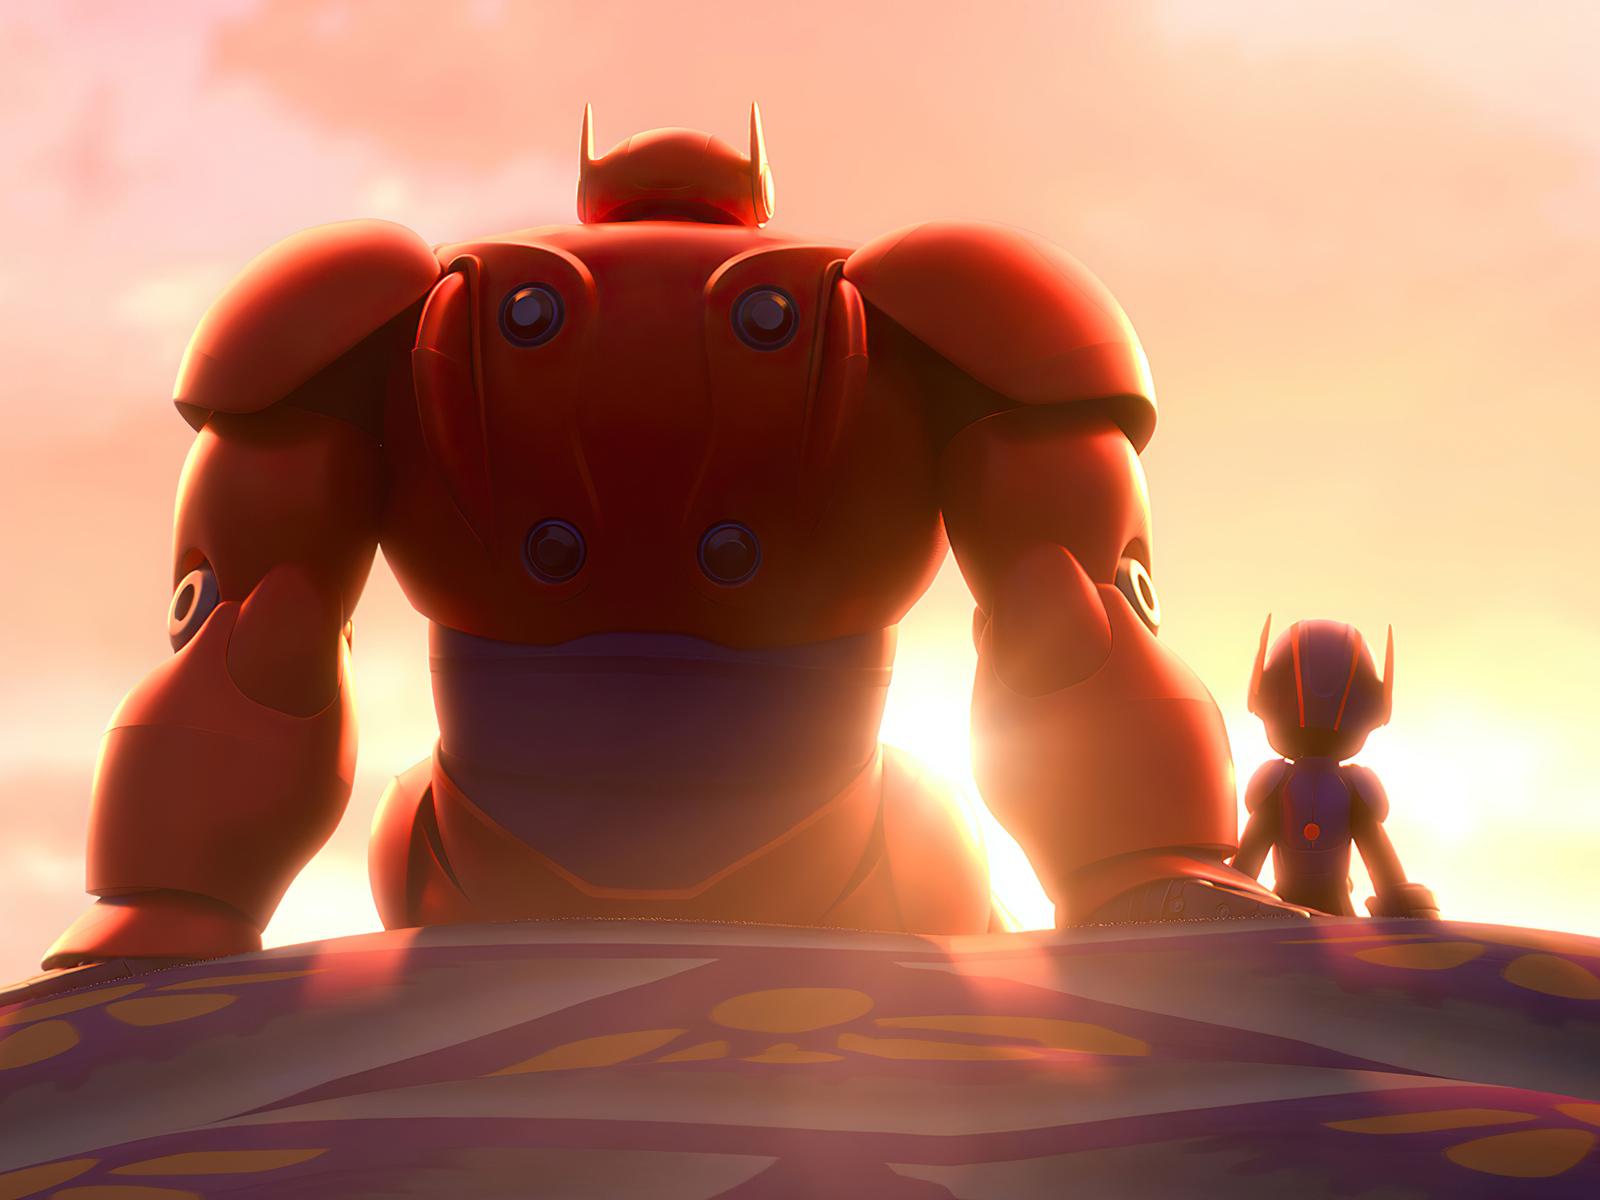 big-hero-6-movie-art-4k-vh.jpg